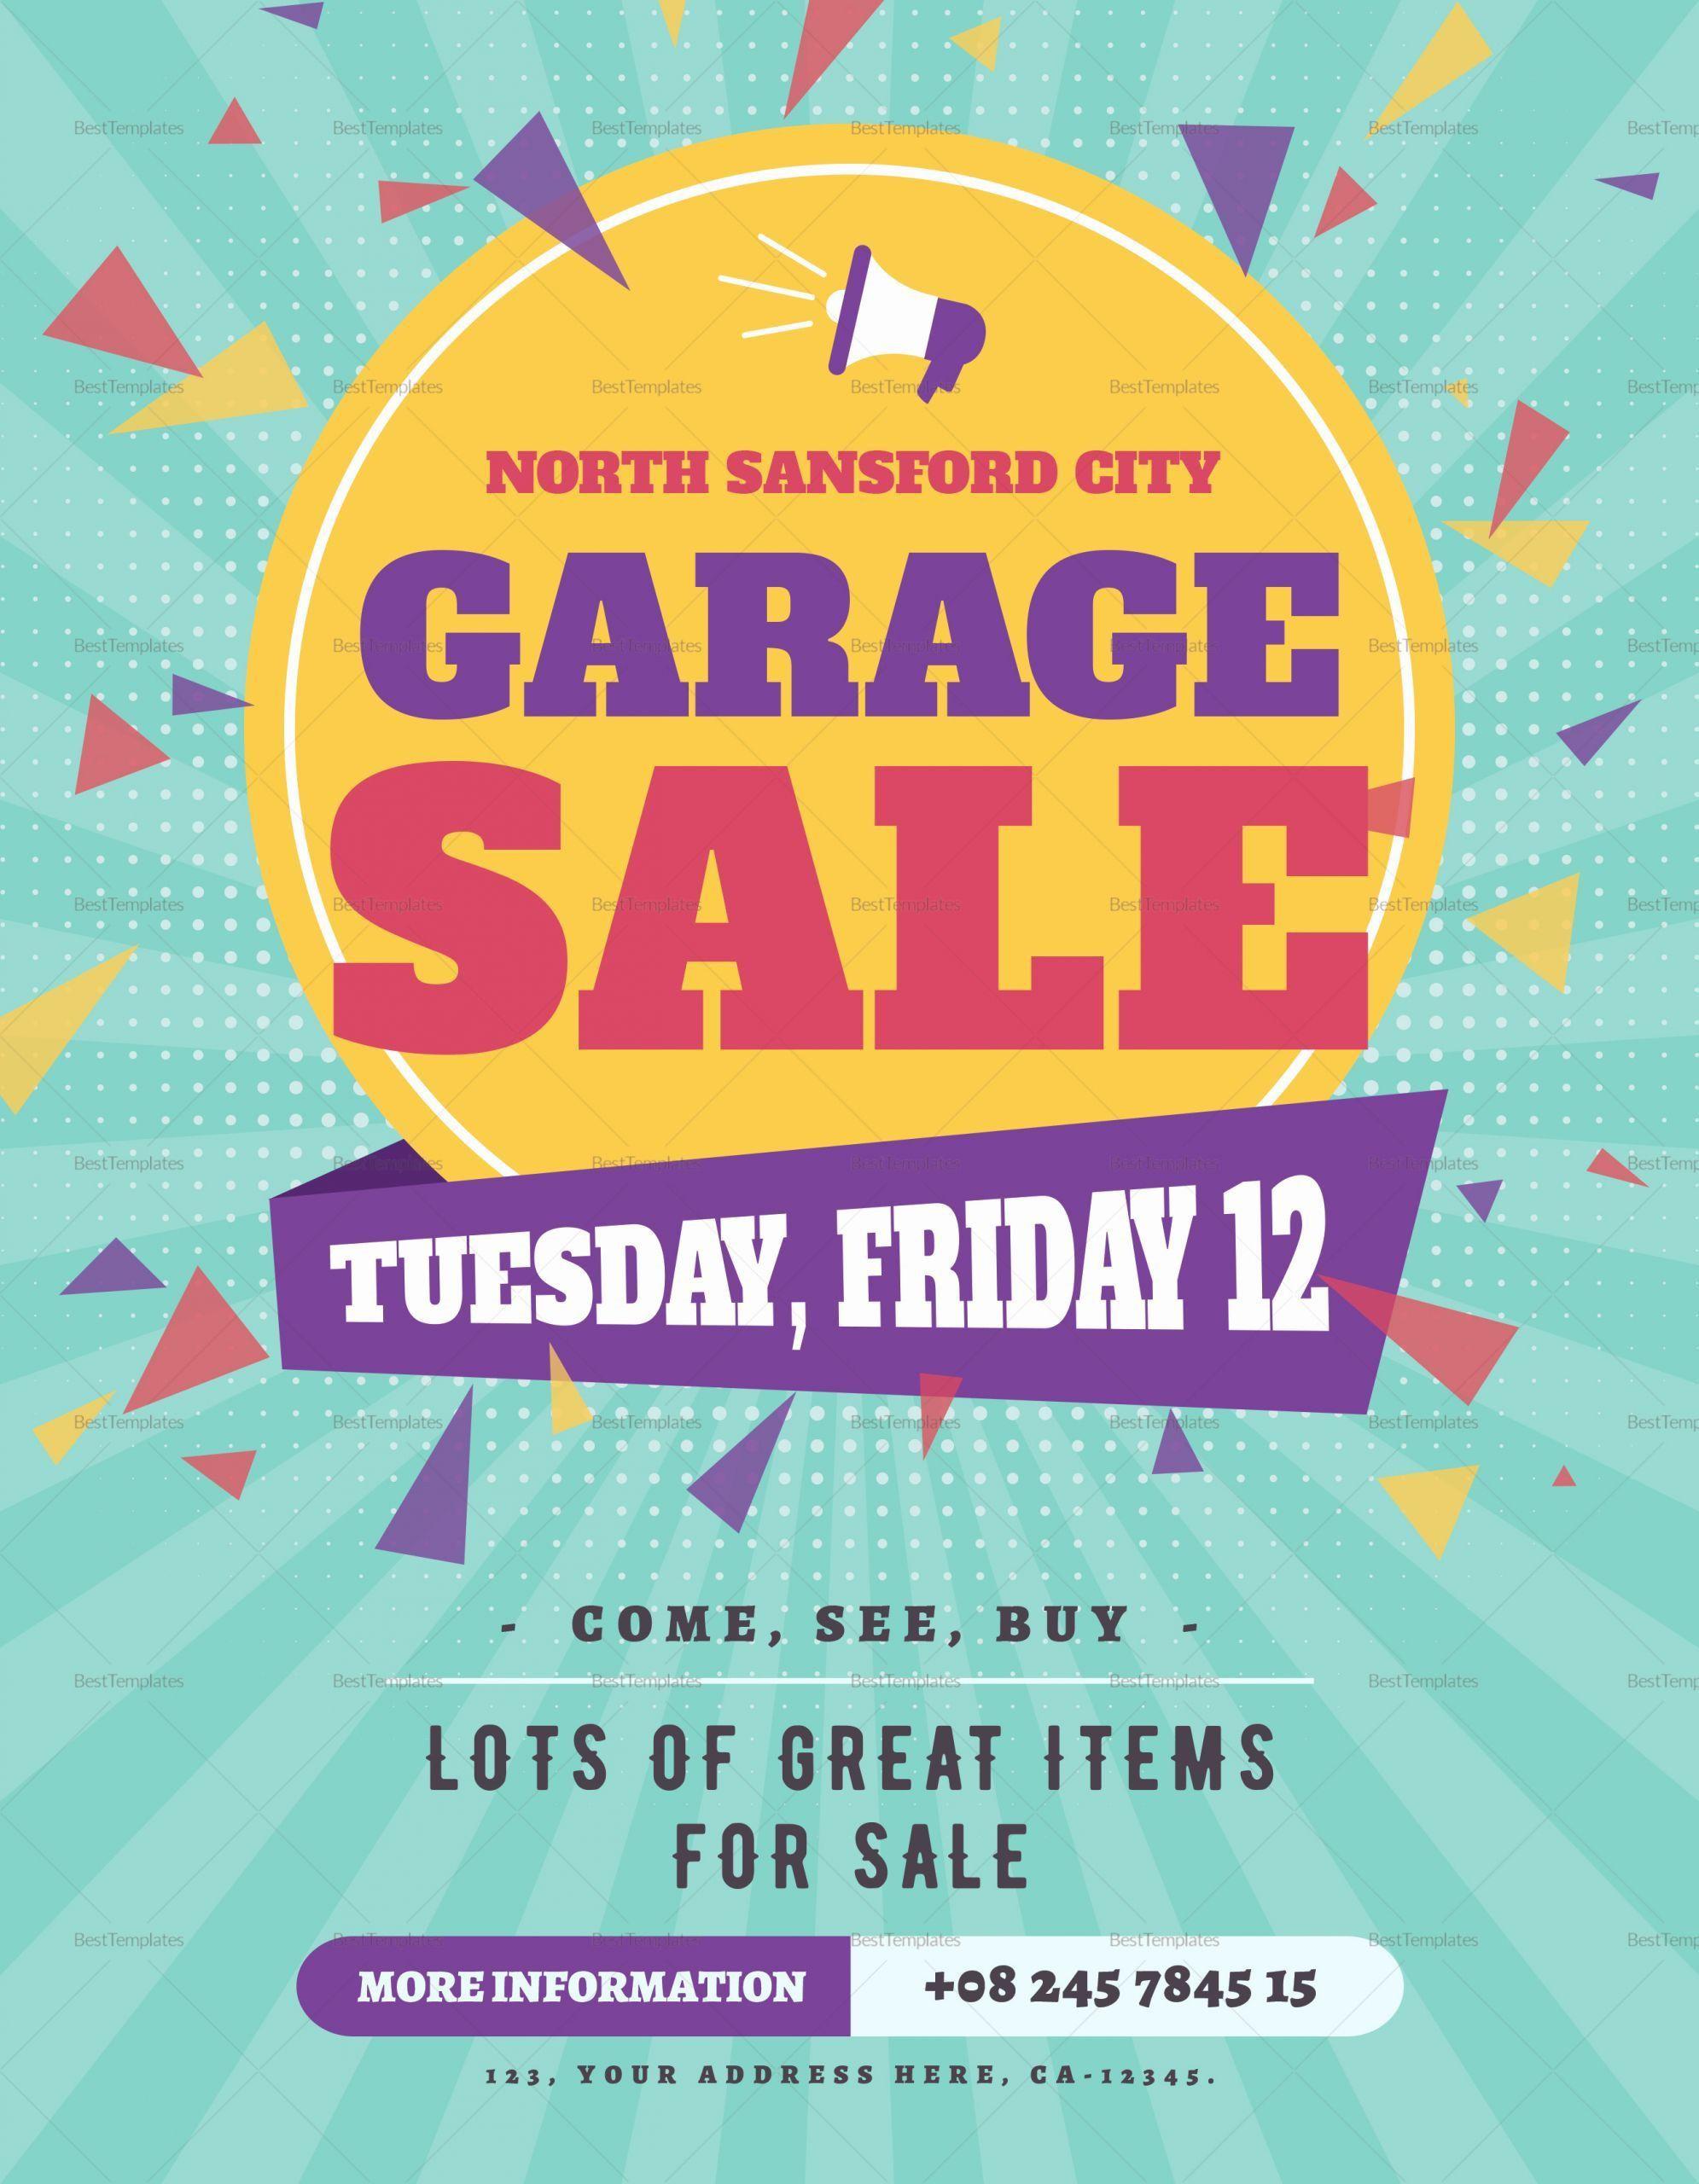 008 Incredible Garage Sale Flyer Template Free Example  Community Neighborhood YardFull